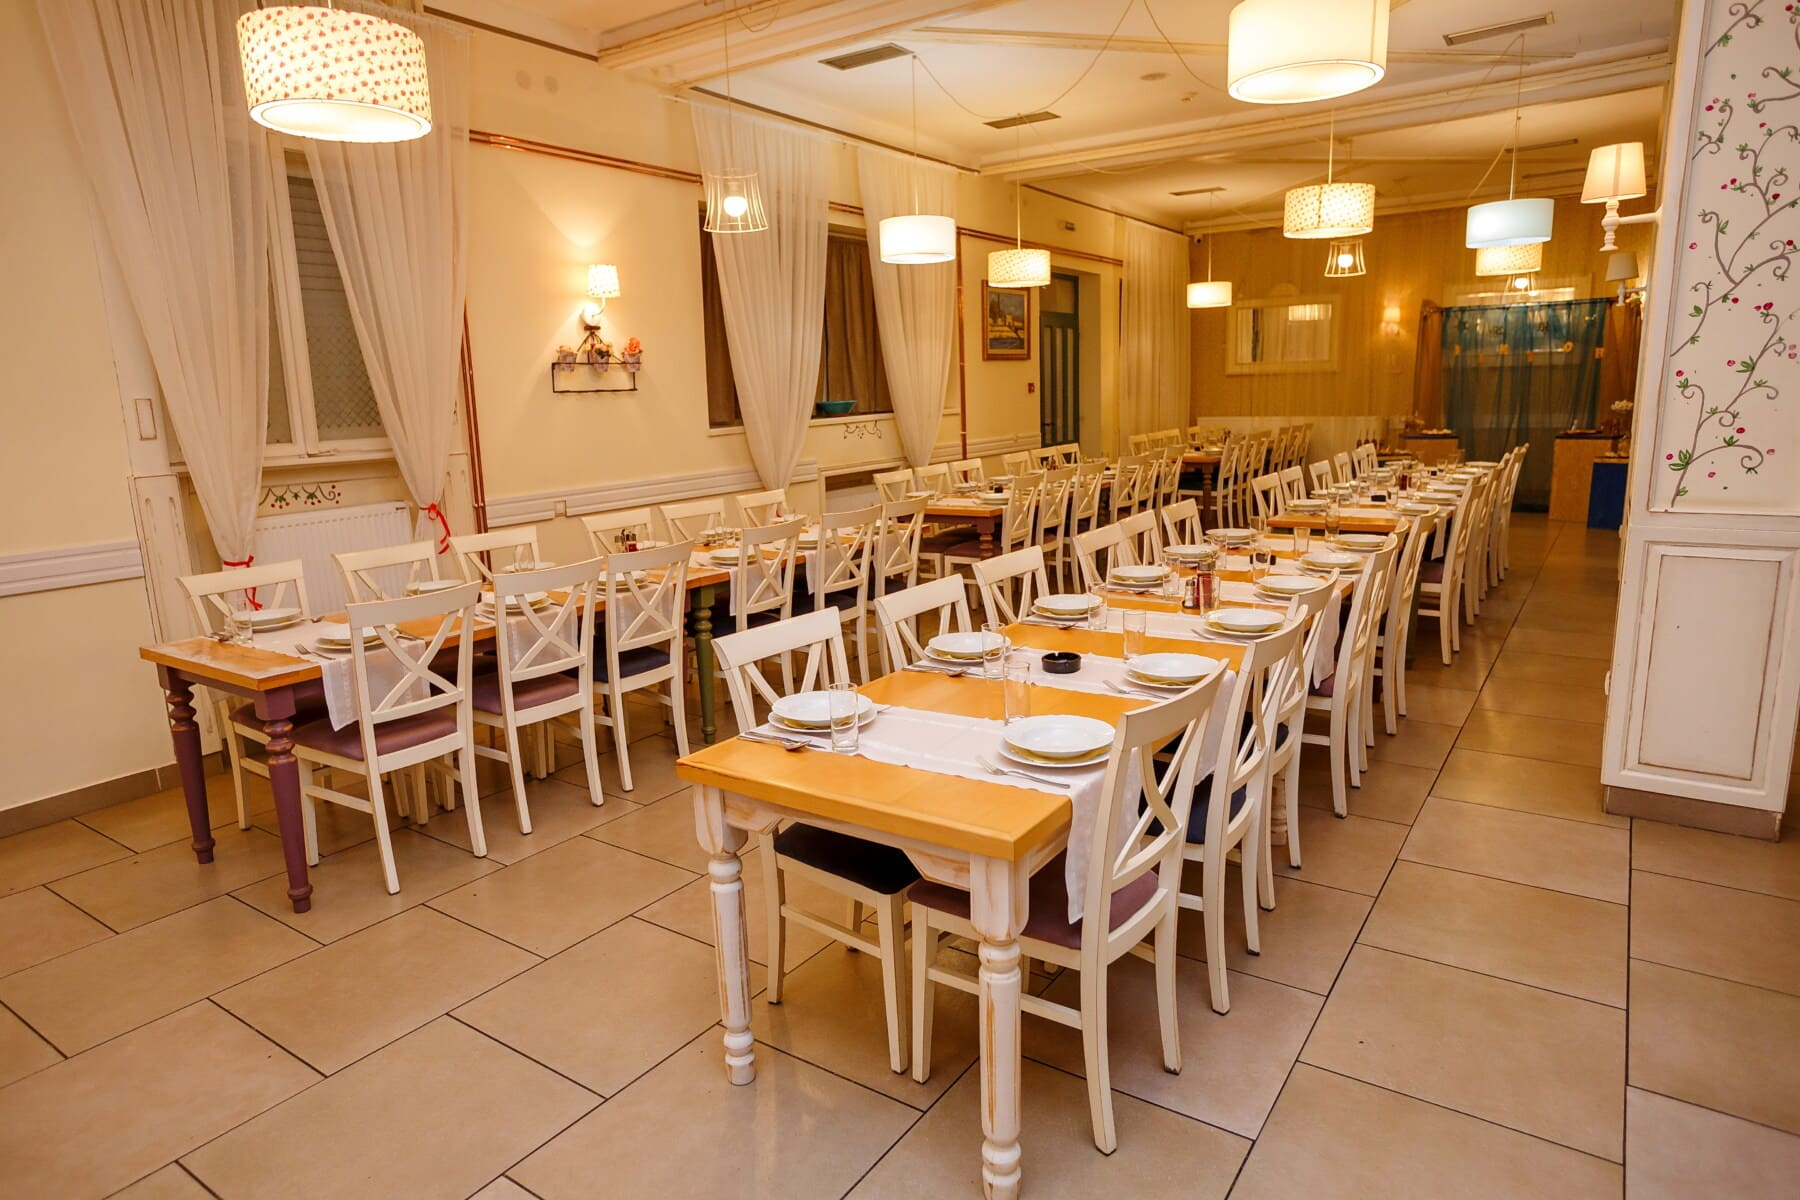 їдальні, ресторан, порожній, стільці, меблі, Столи, Ліхтарі, Посуд, скатертини, Люстра